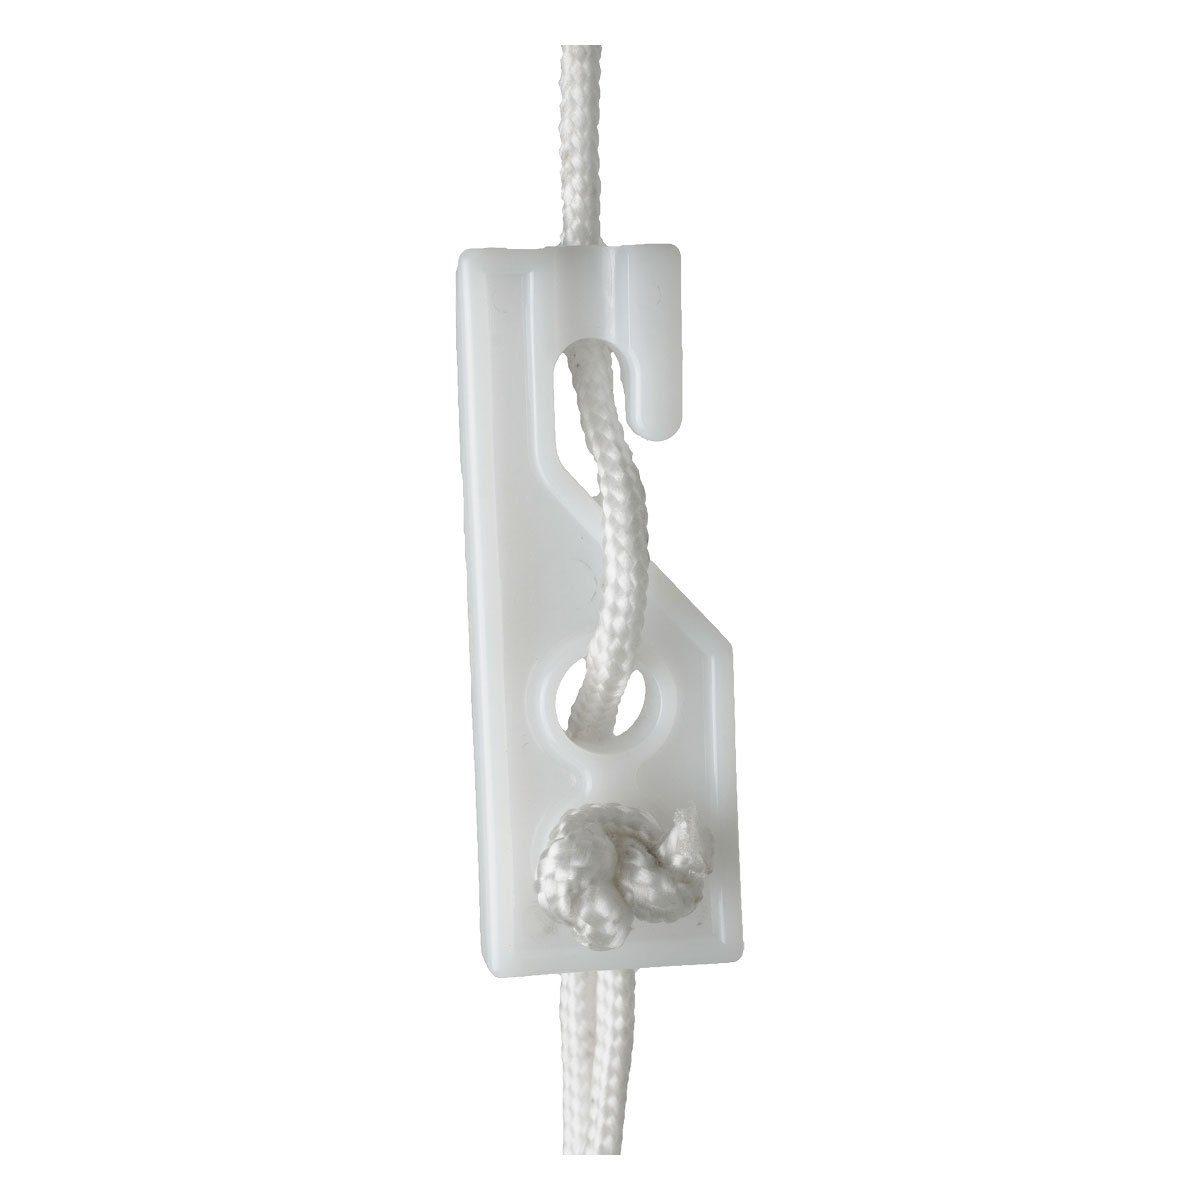 Breeder Cord Adjuster 02100010 level1